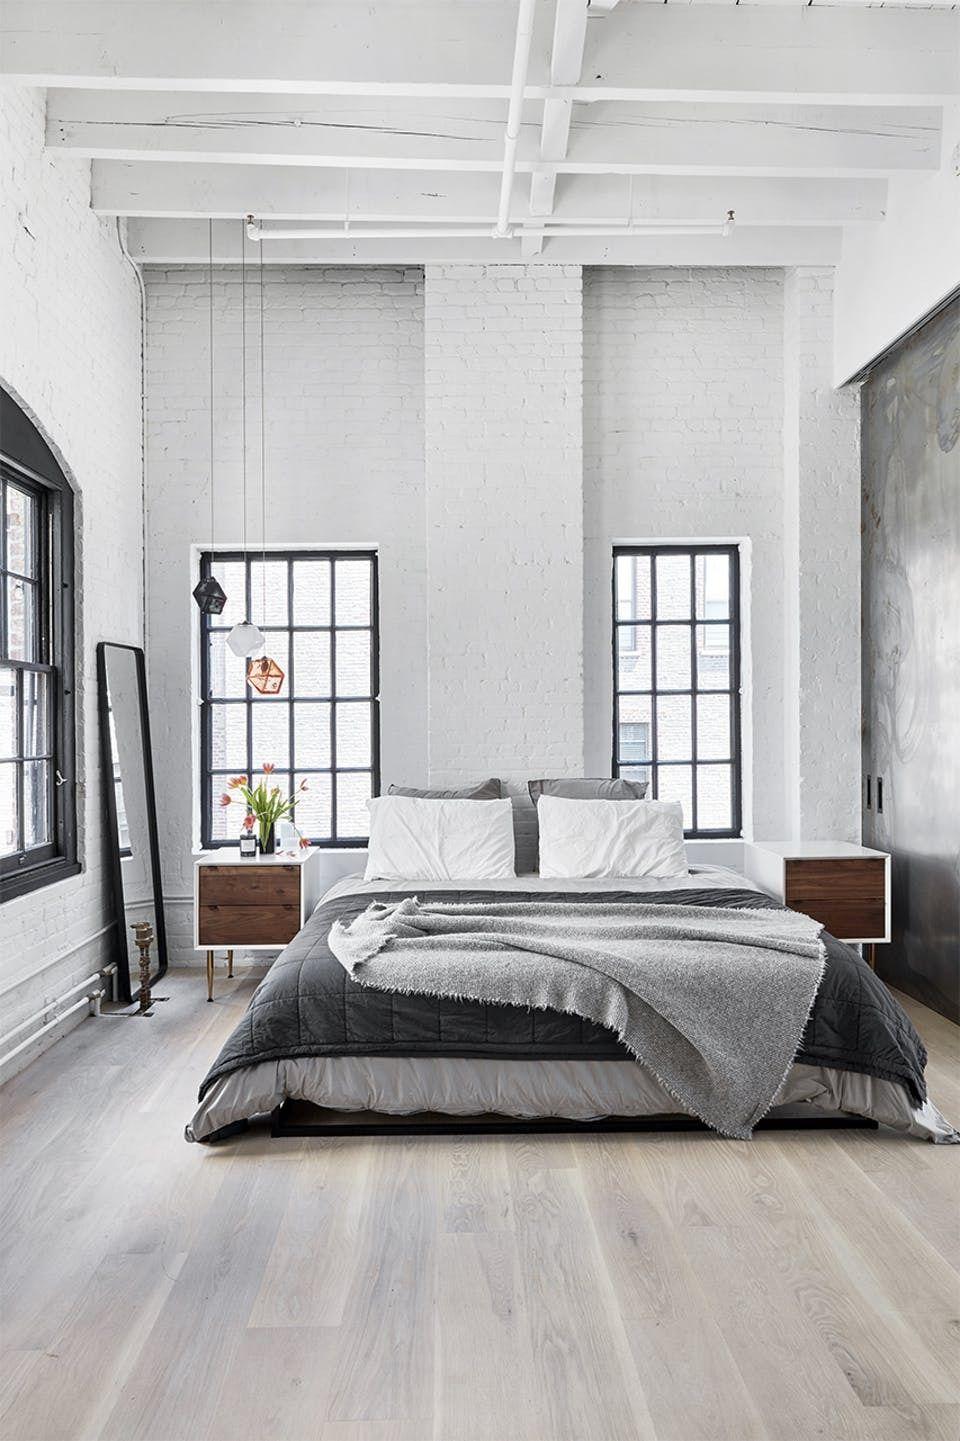 Loft bedroom images  New York loft bedroom  Bed  Bedroom  Pinterest  Loft bedrooms